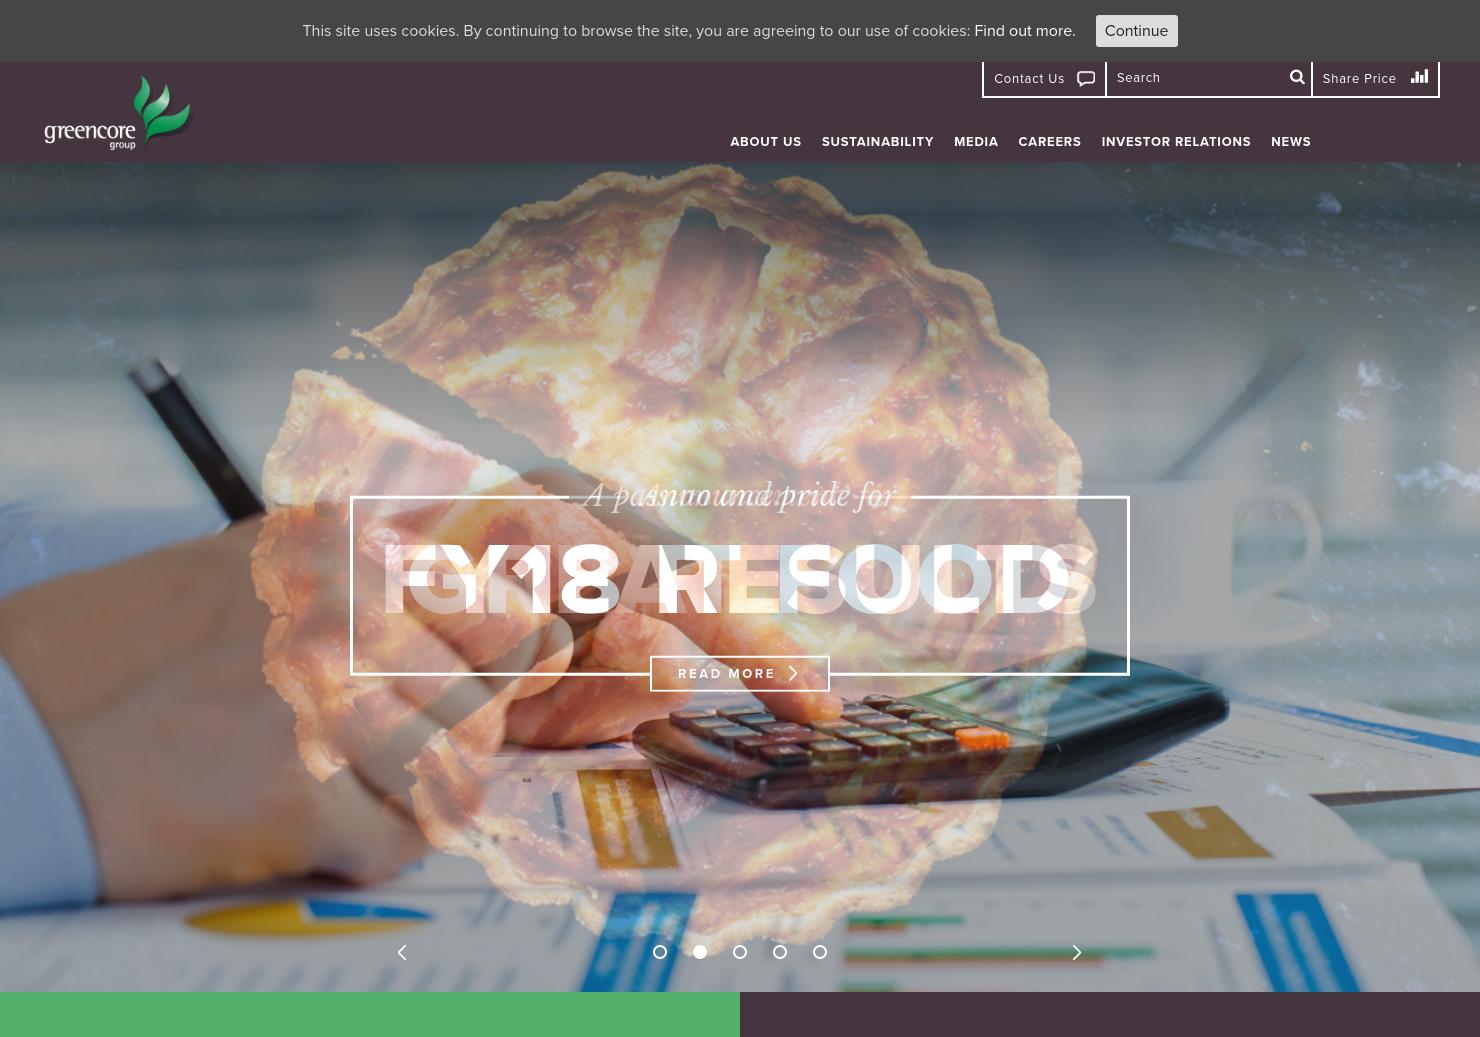 Greencore Home Page